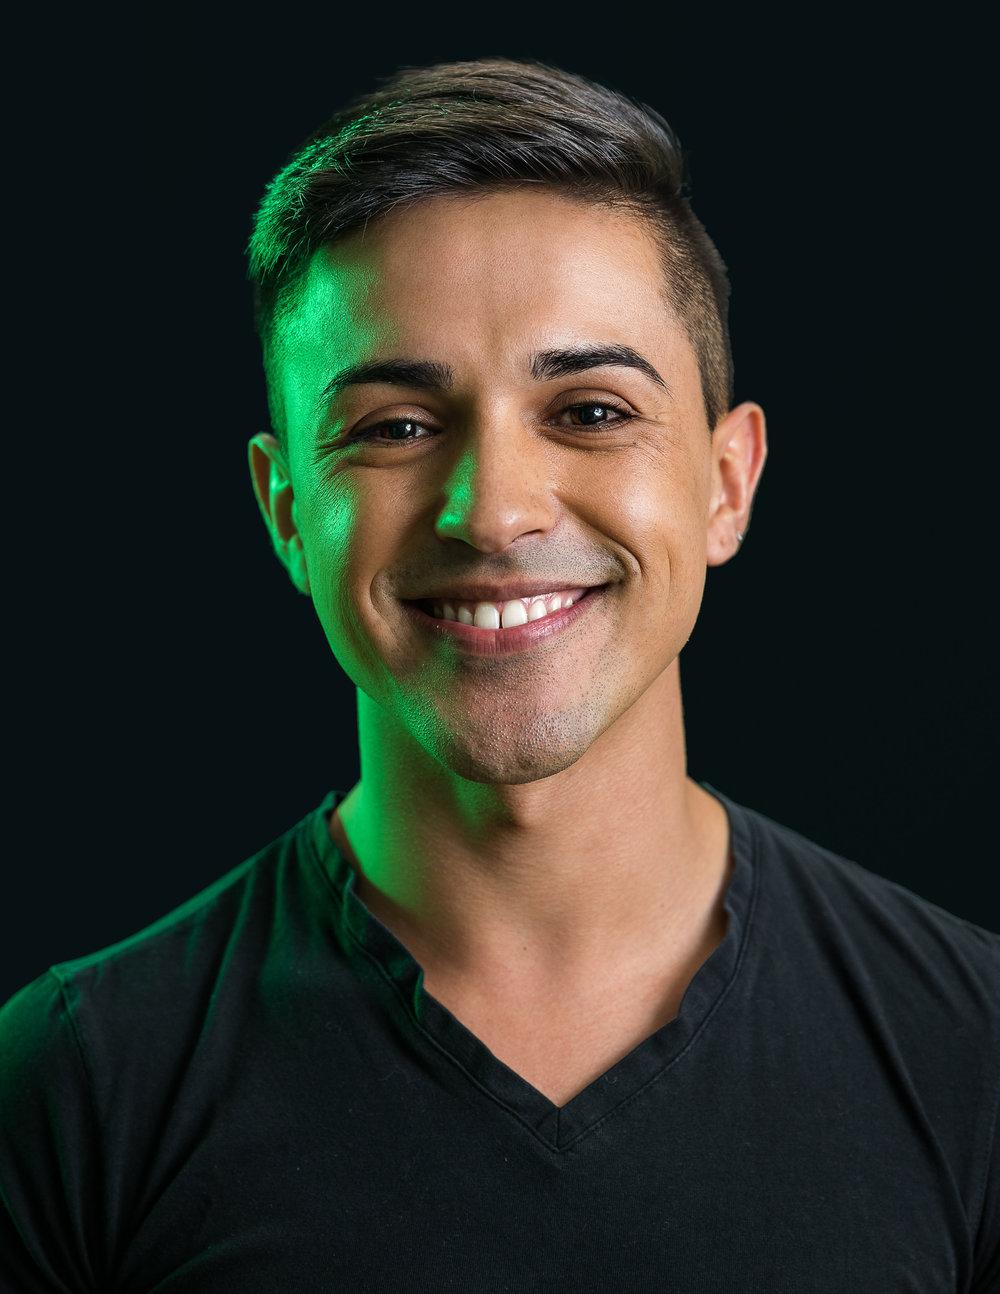 Diego Aleixo